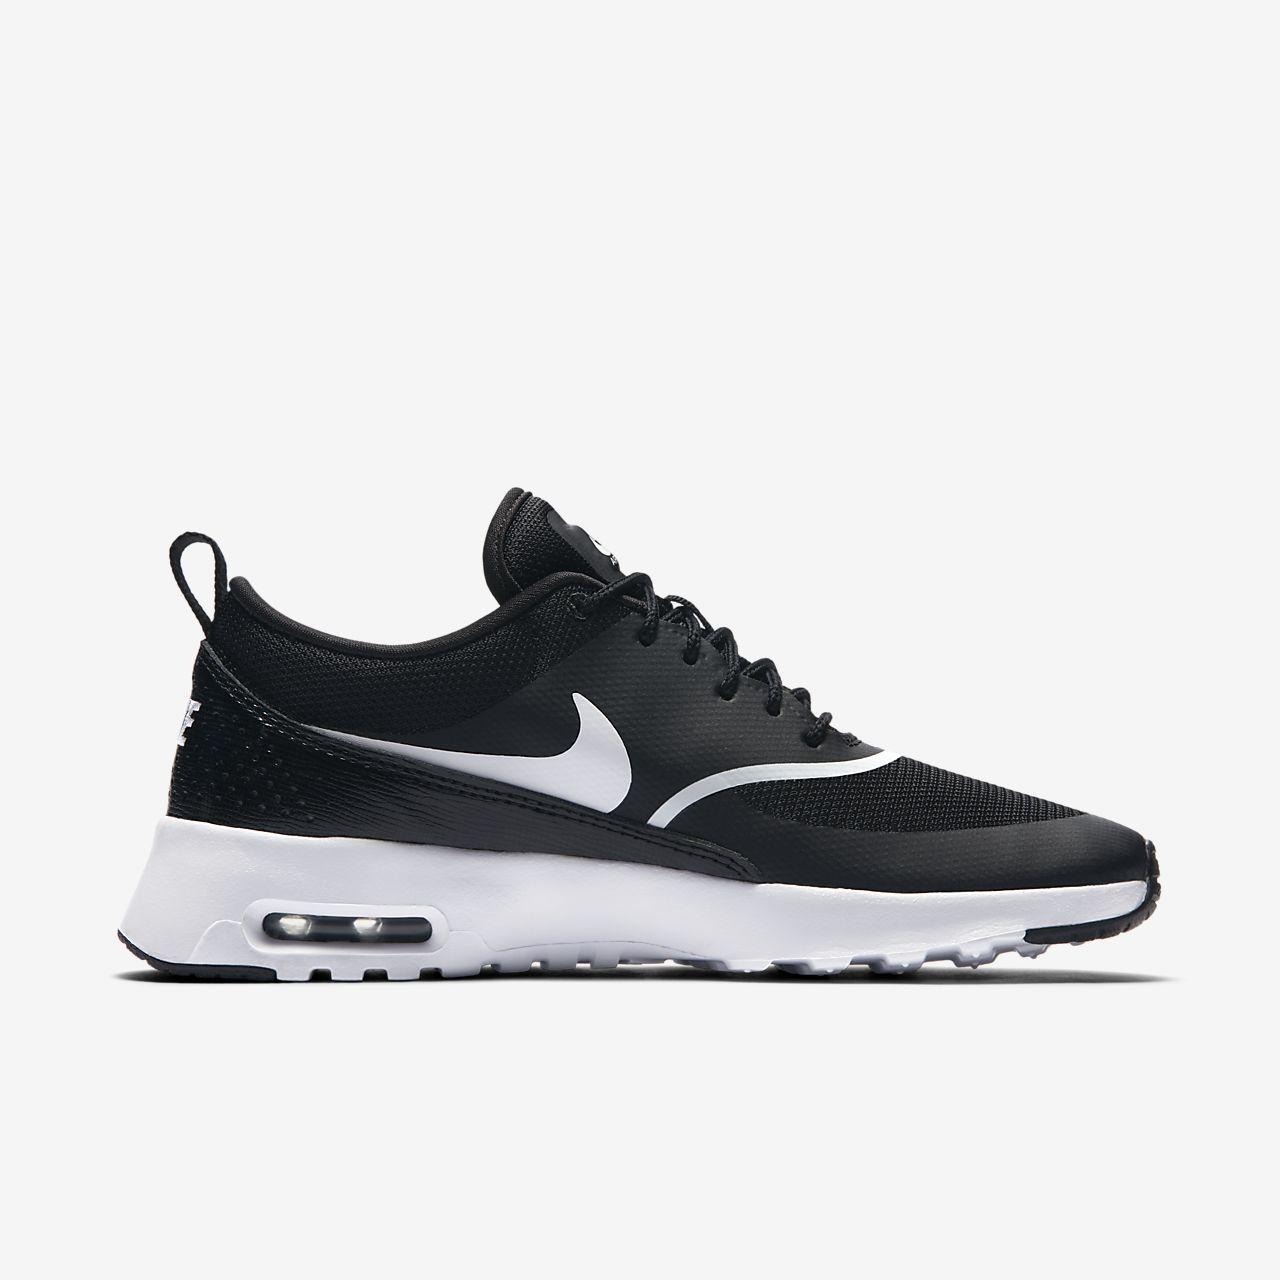 c93c74243f Nike Air Max Thea Women's Shoe